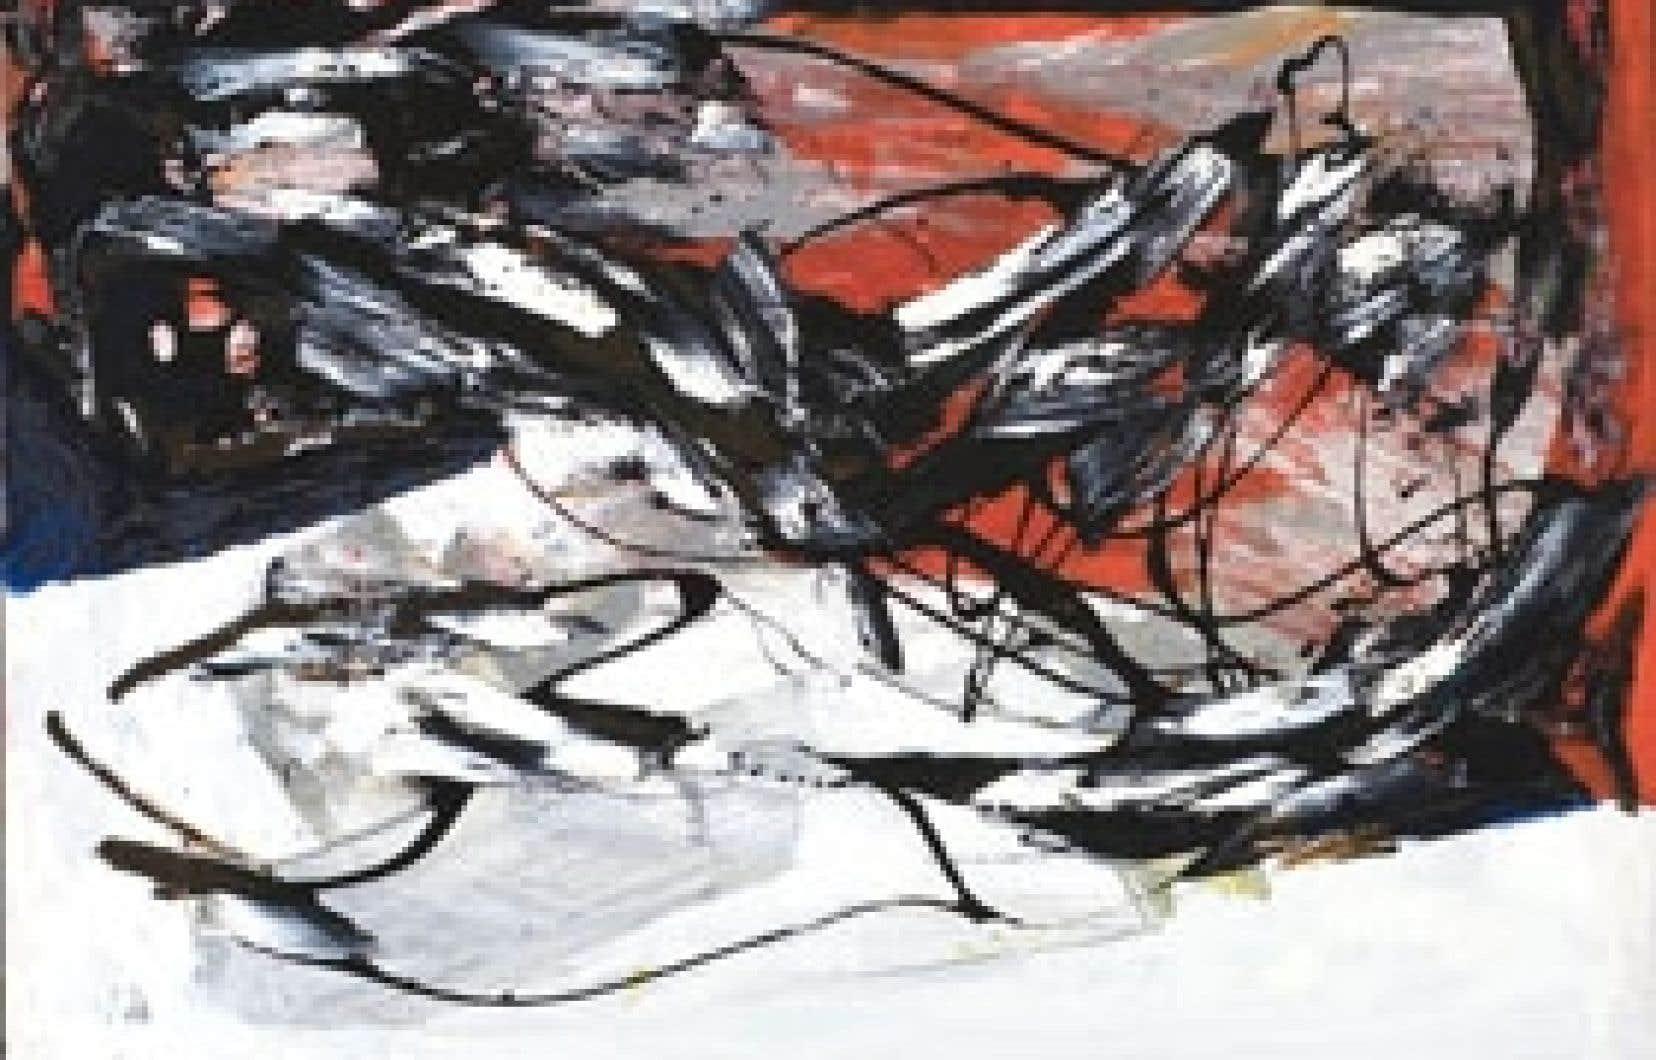 Marcelle Ferron, Sans titre, 1985-88